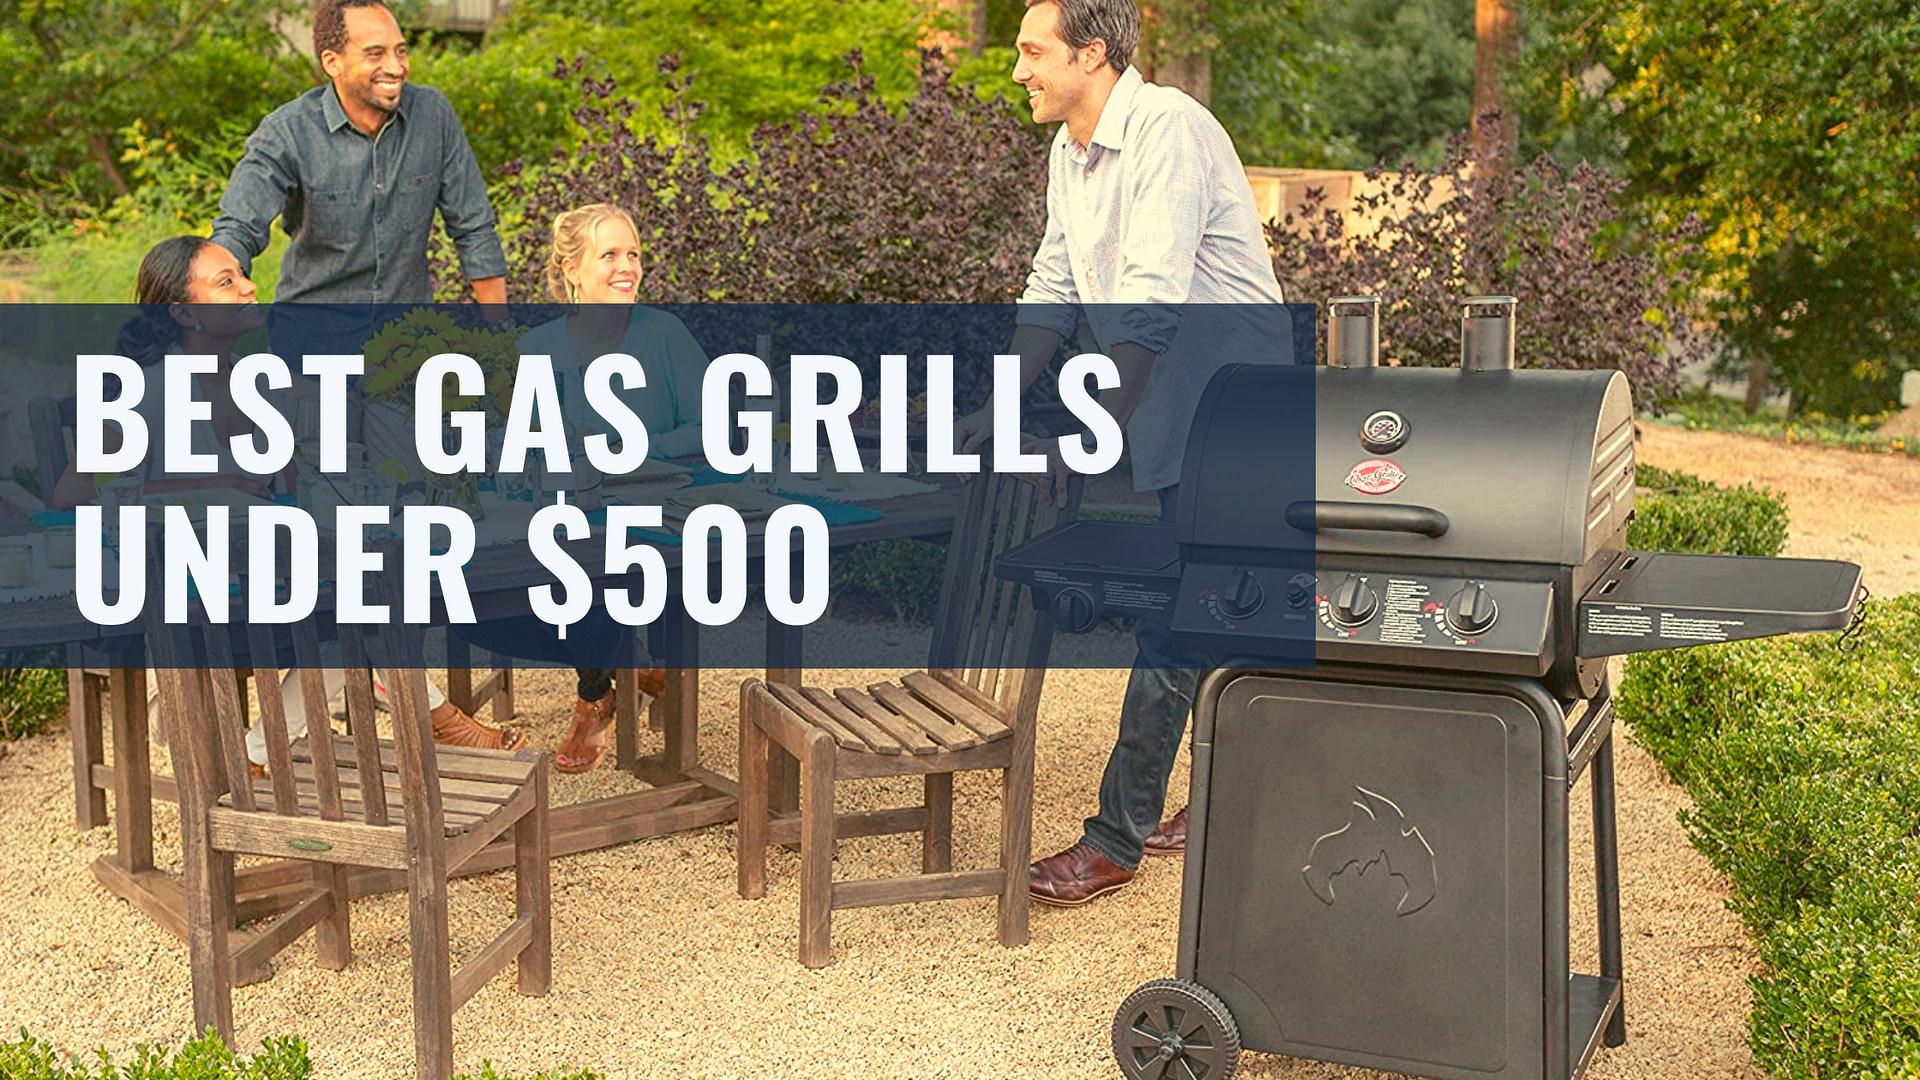 Best Gas Grills under 500 dollars